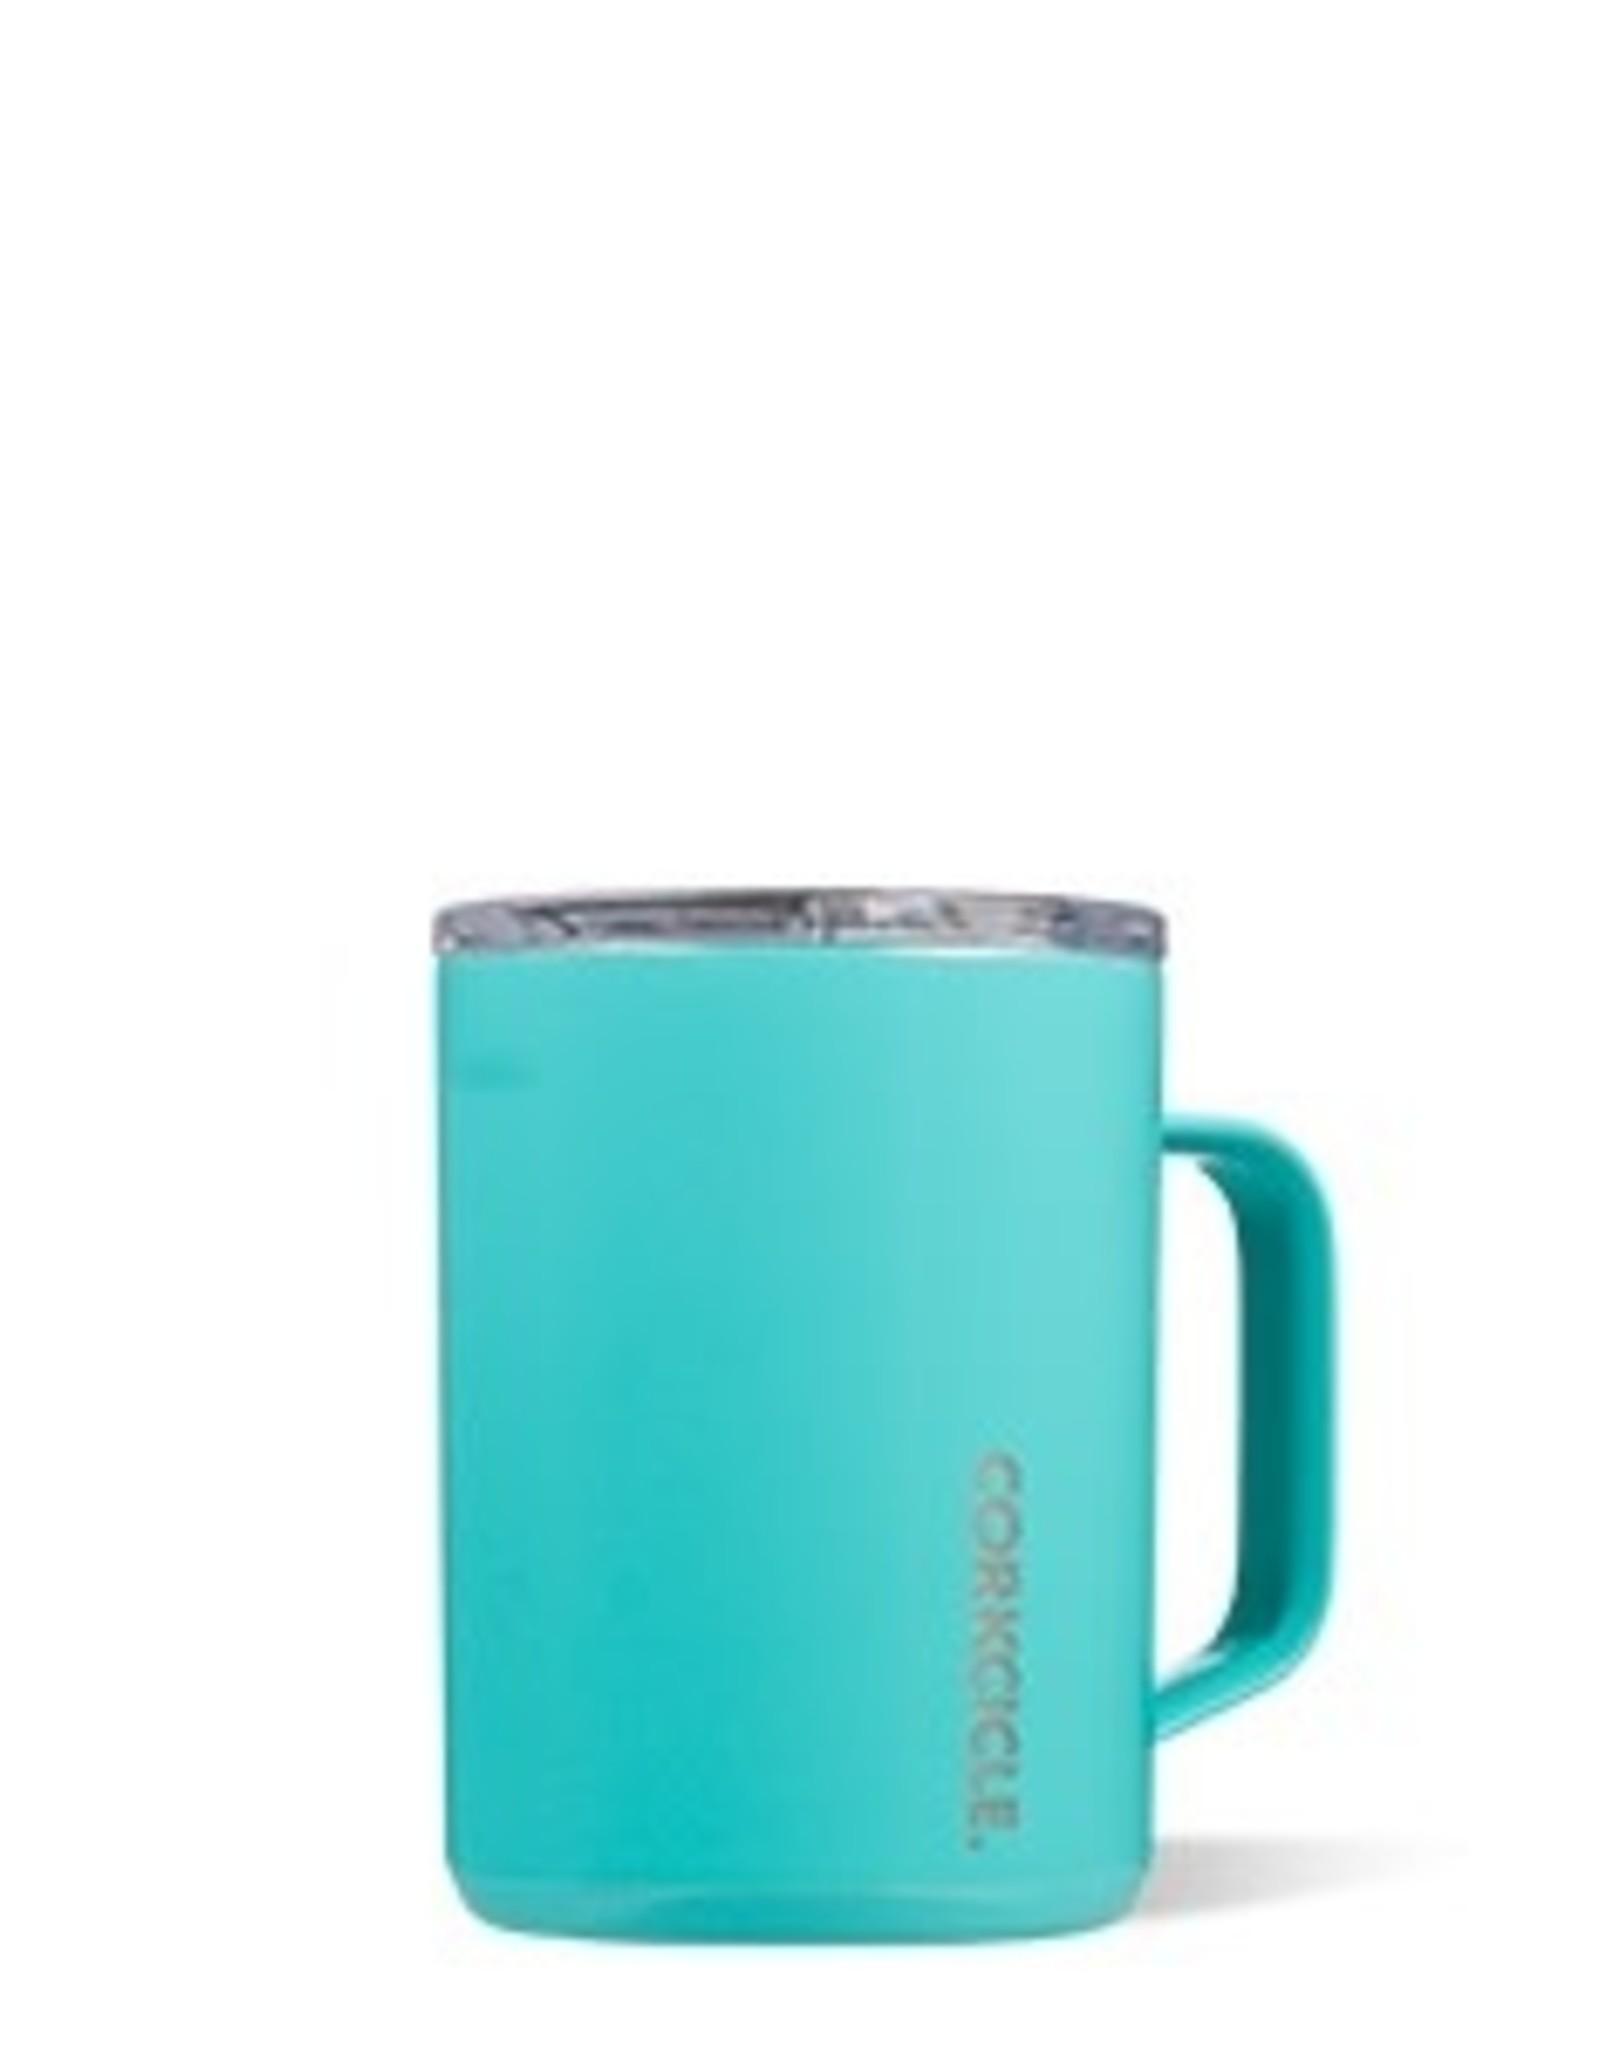 Corkcicle Mug- 16oz Gloss Turquoise